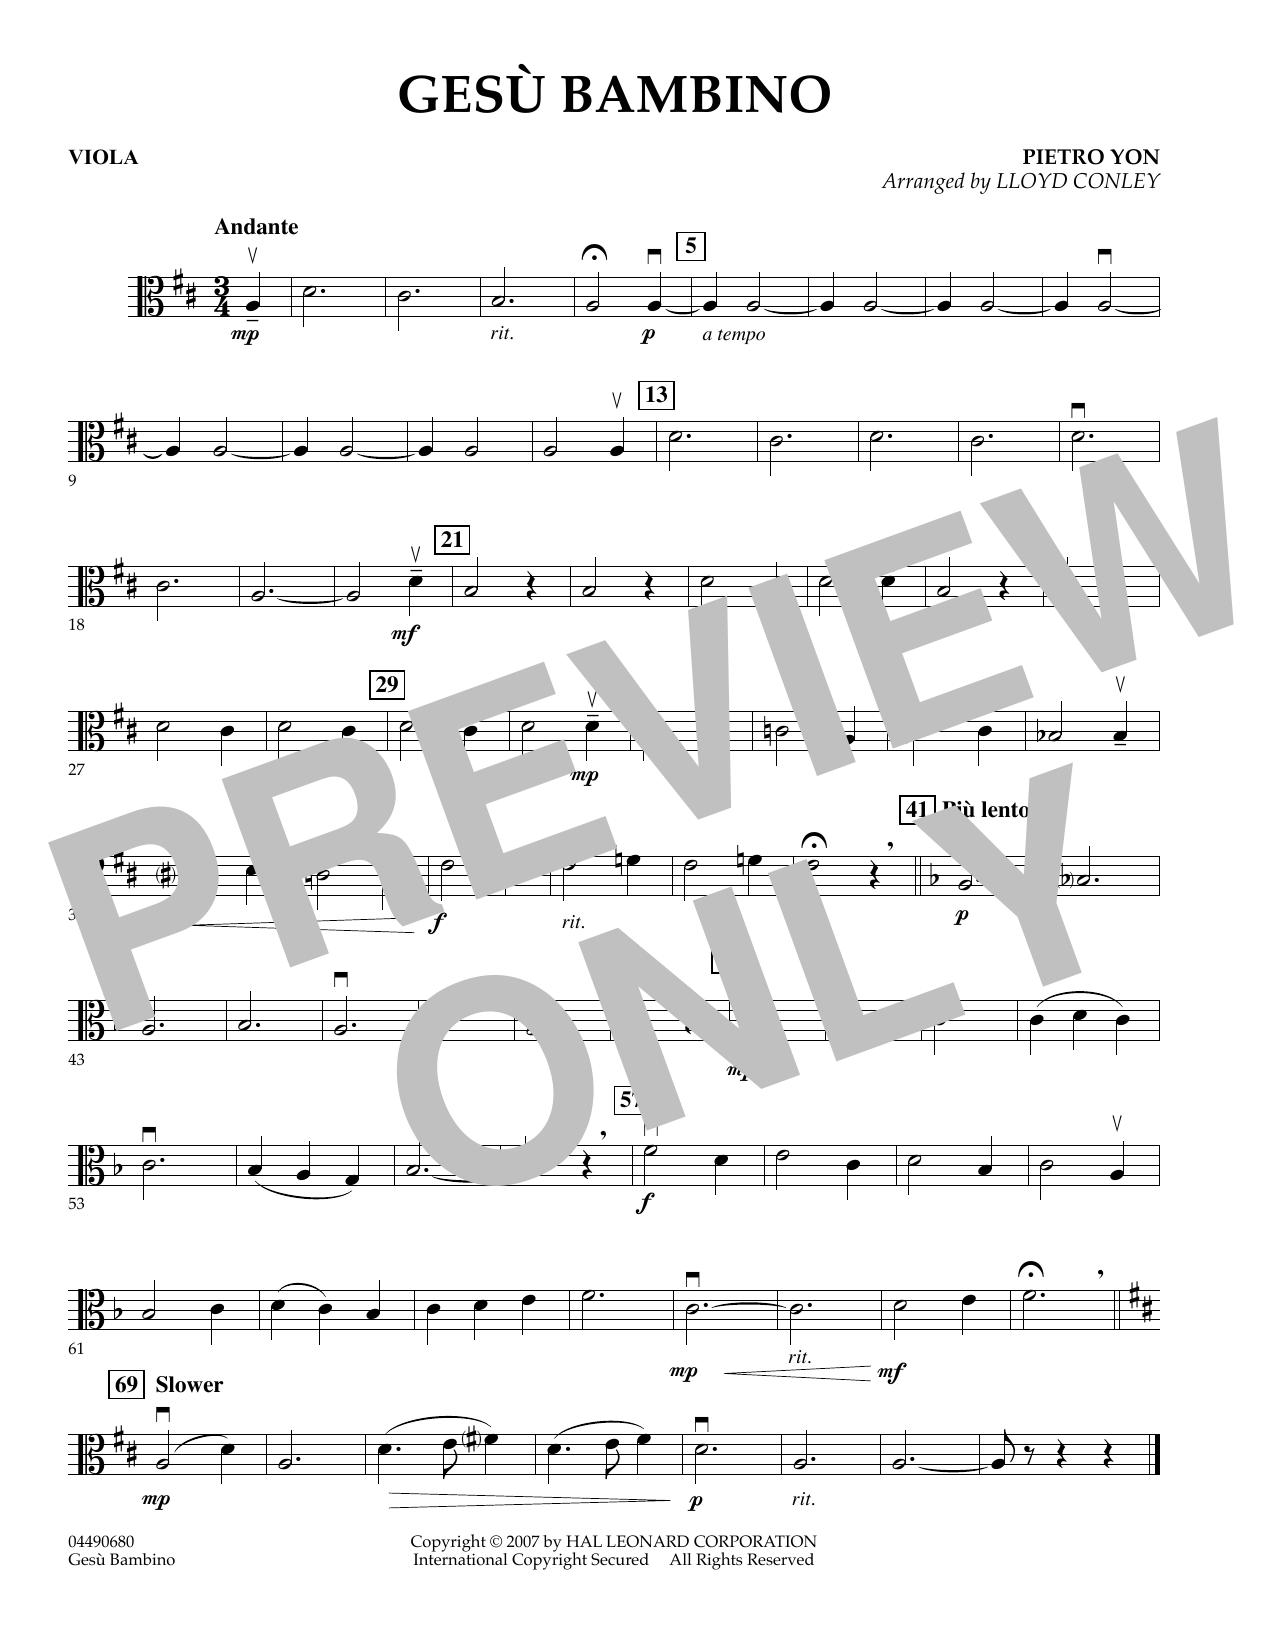 Lloyd Conley Gesu Bambino - Viola sheet music notes and chords. Download Printable PDF.